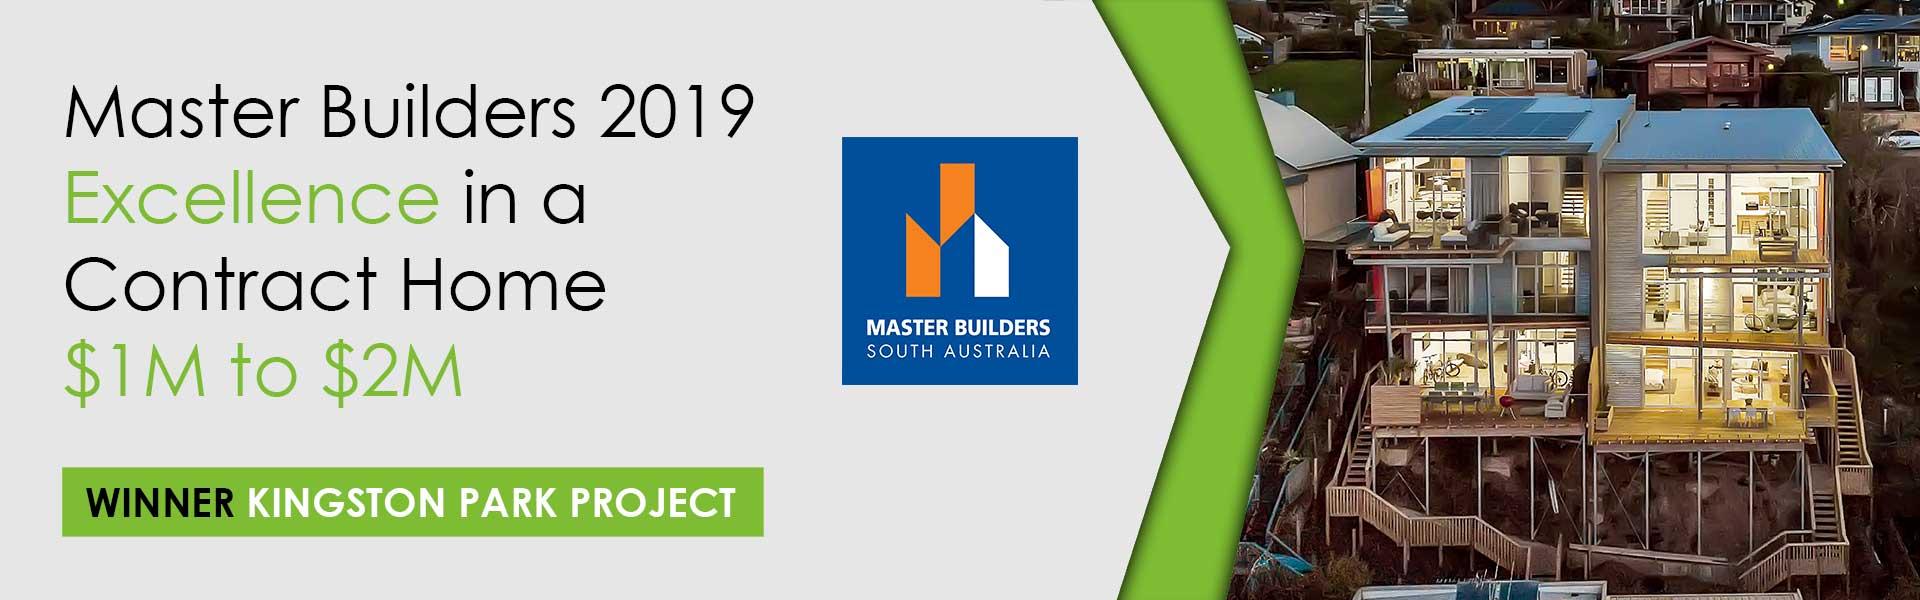 Master Builder Home Builder Awards 2019 Winner